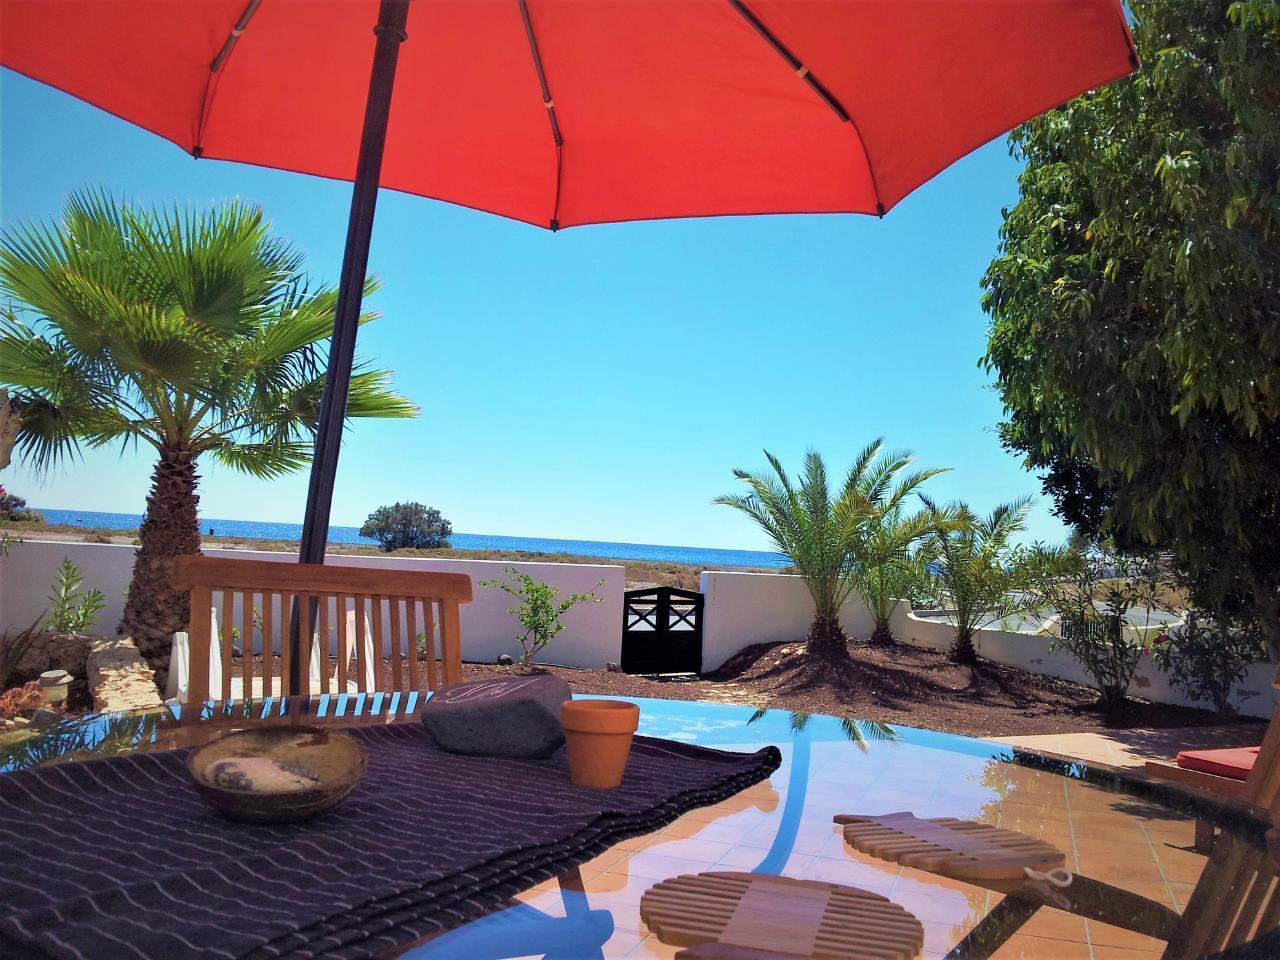 Ferienhaus Exklusive Villa in Strandnähe (642541), Giniginamar, Fuerteventura, Kanarische Inseln, Spanien, Bild 57